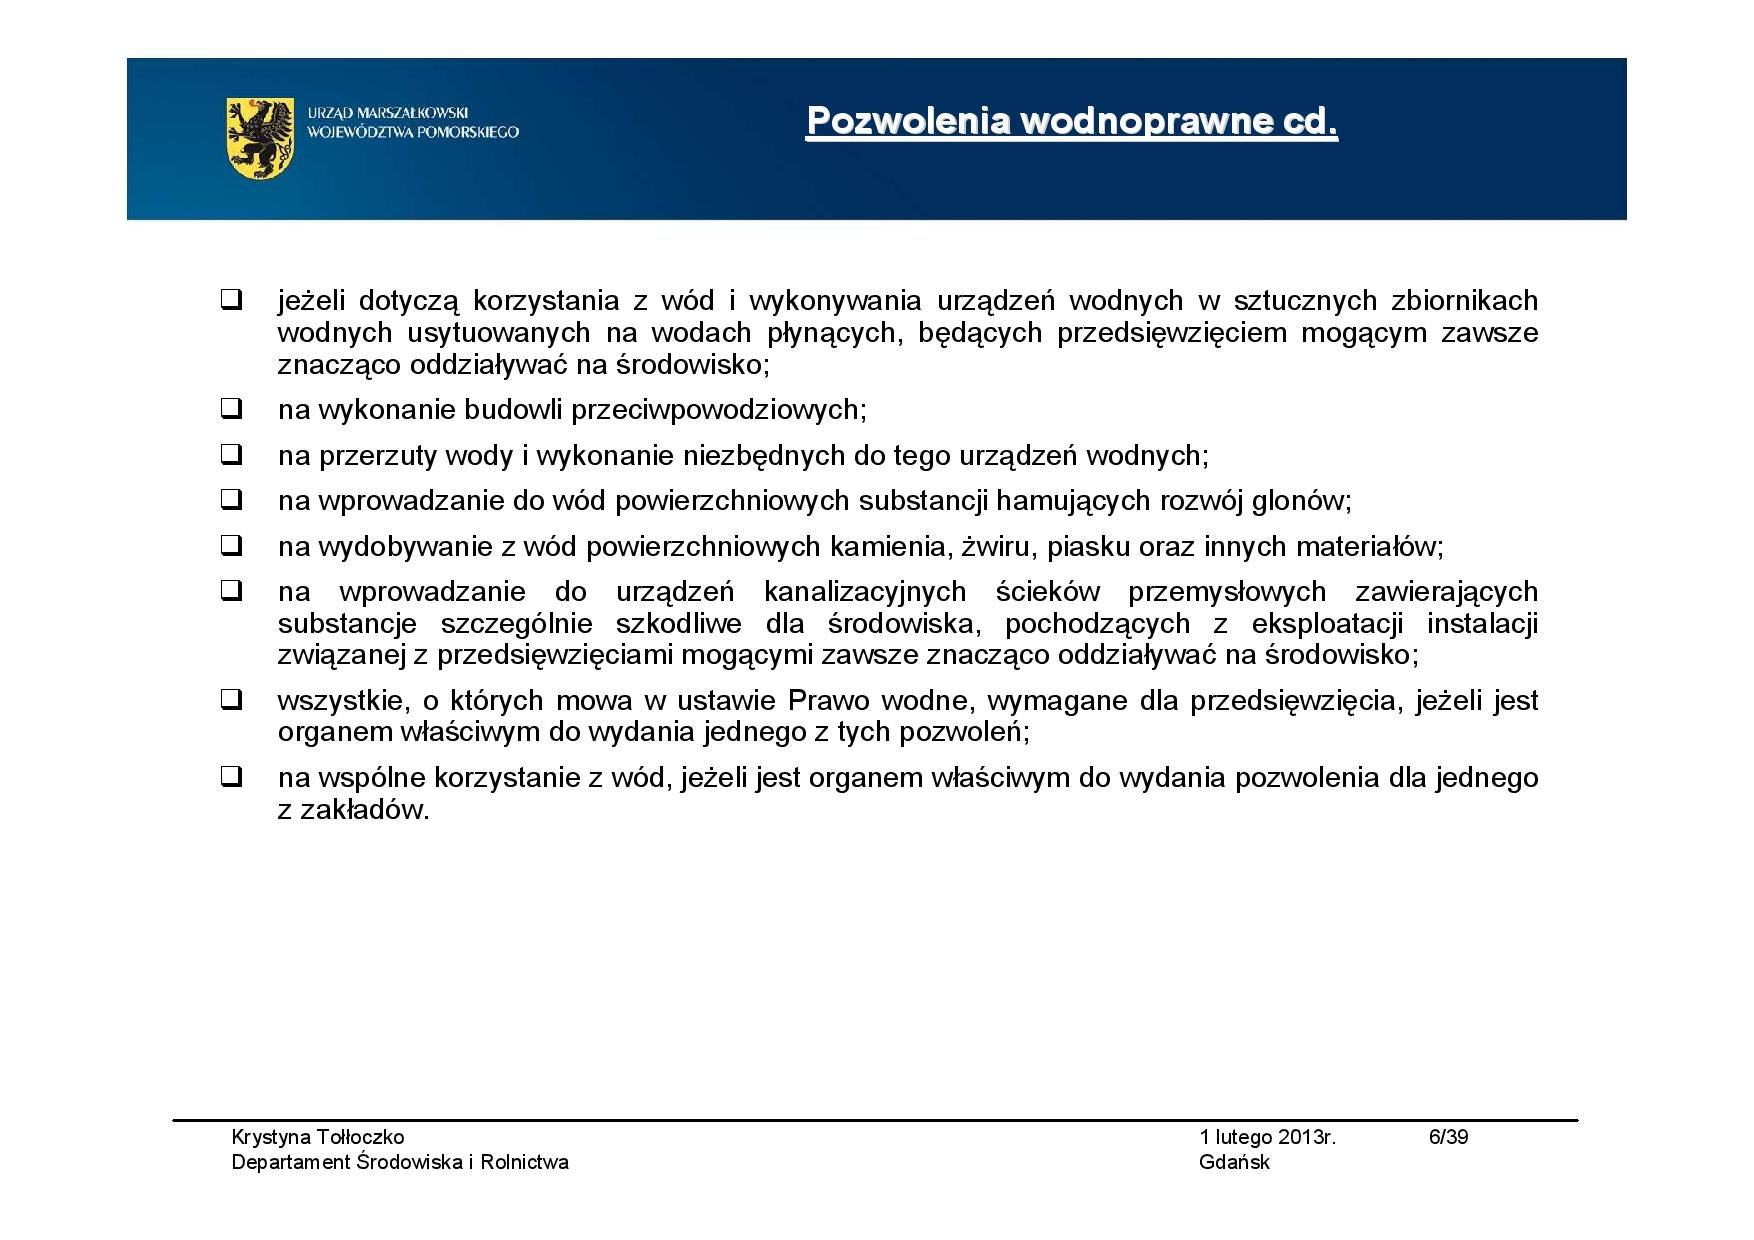 Ob. pracod. pozwolenia-page-006